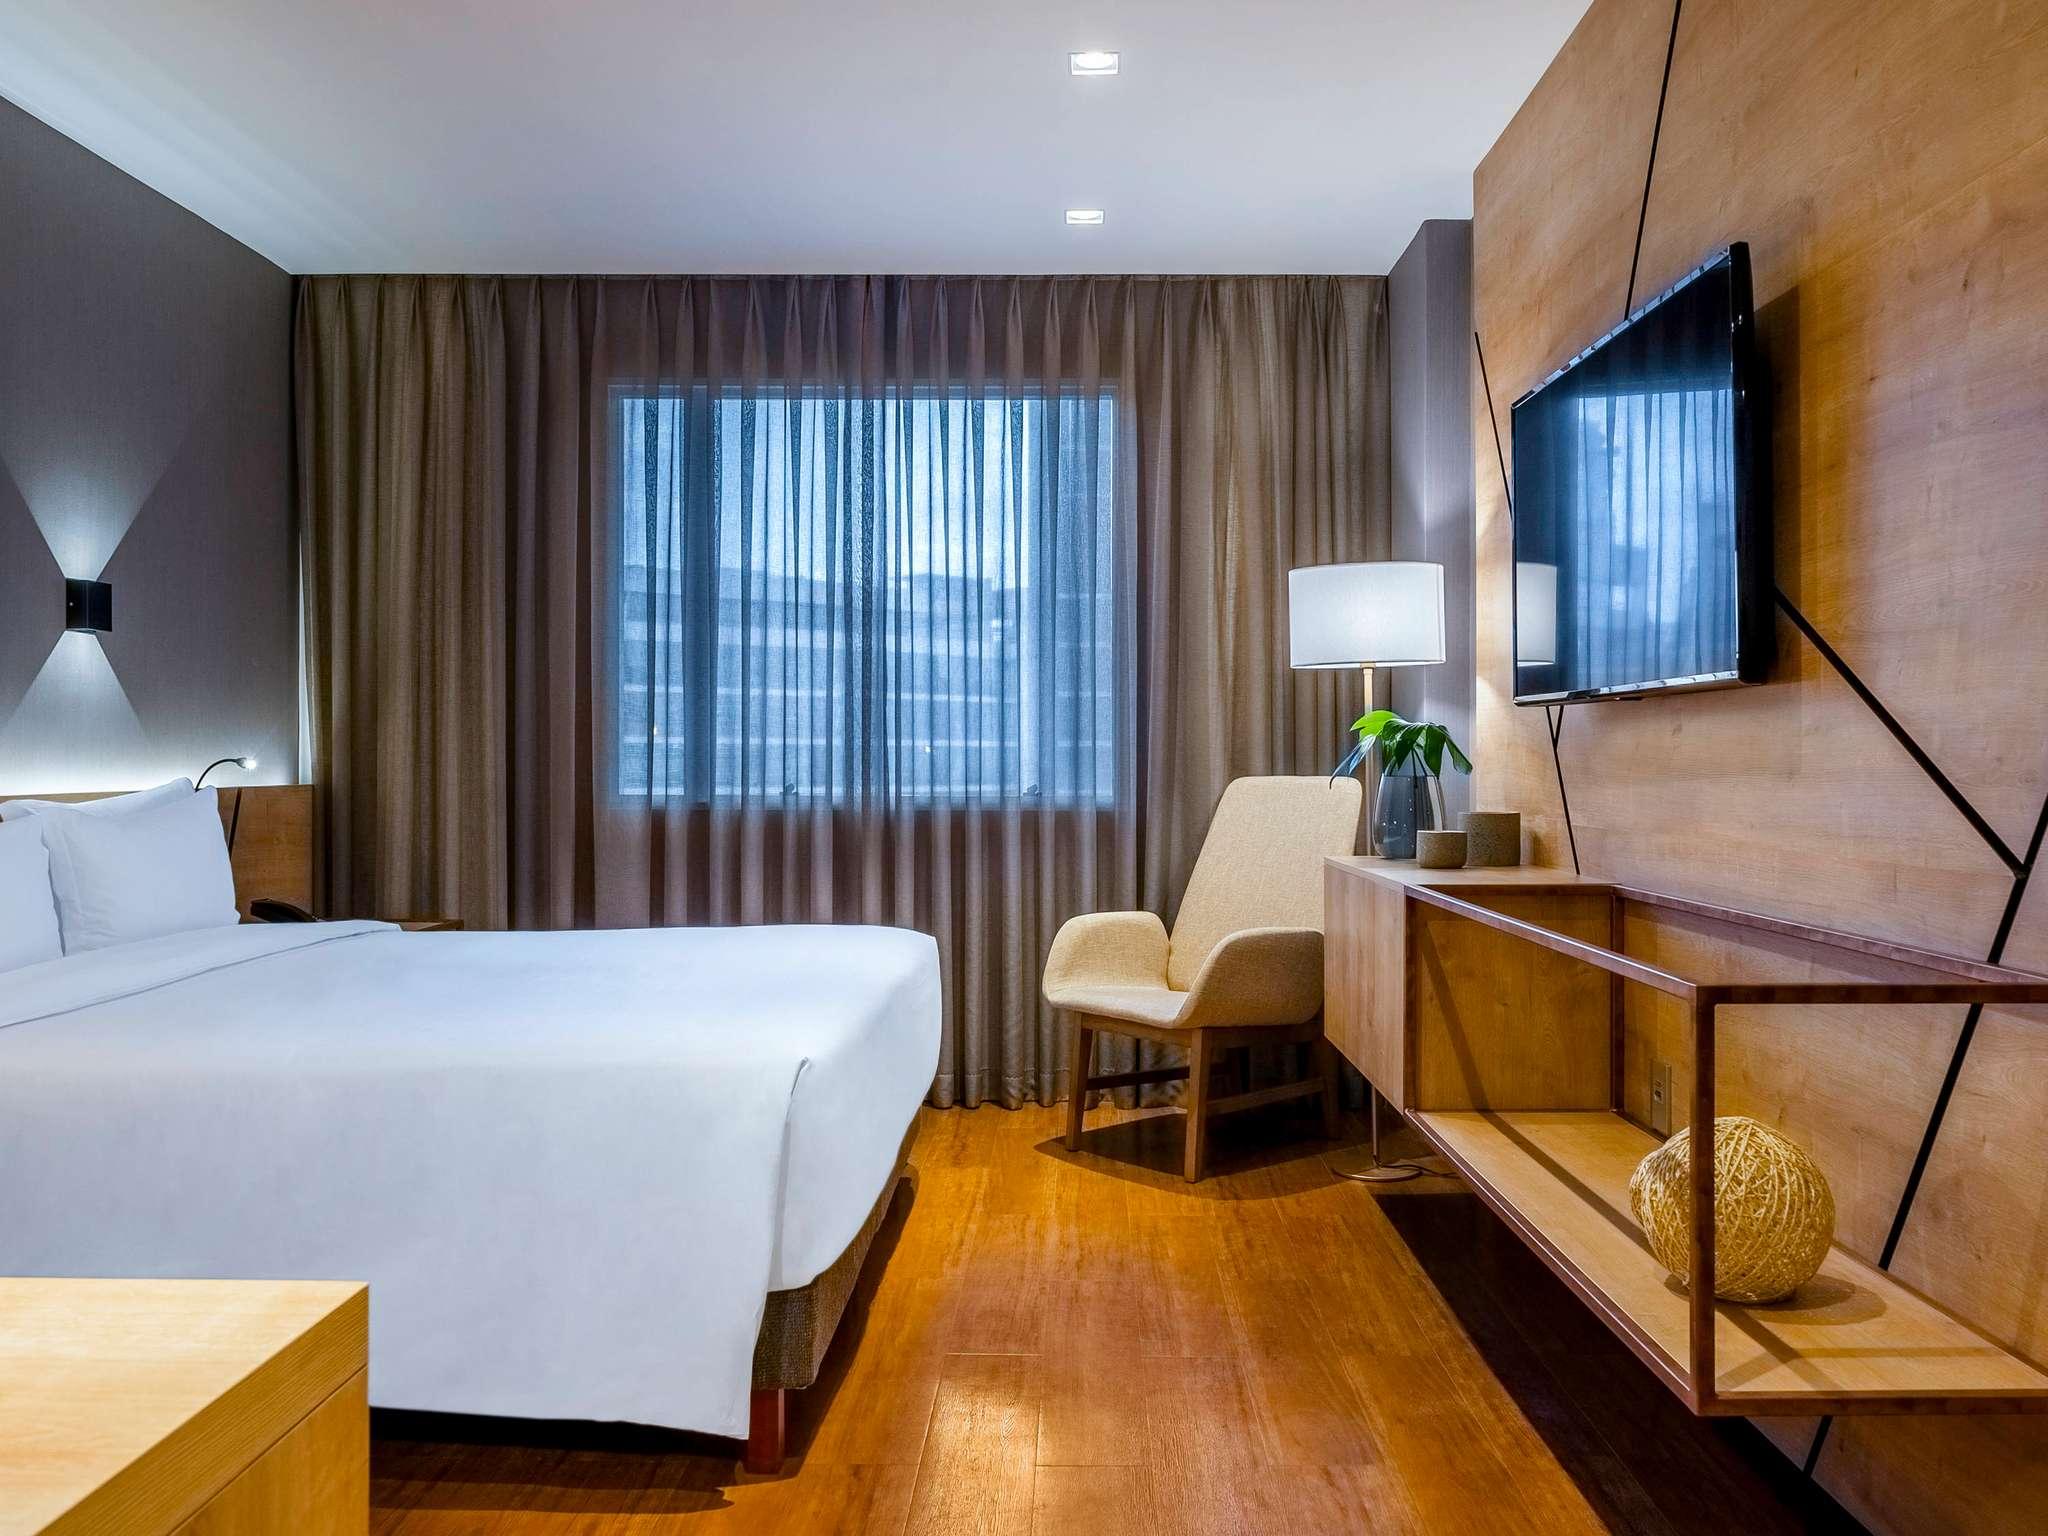 ホテル – グランド メルキュール サンパウロ ヴィラ オリンピア(旧 シーザー ビジネス)